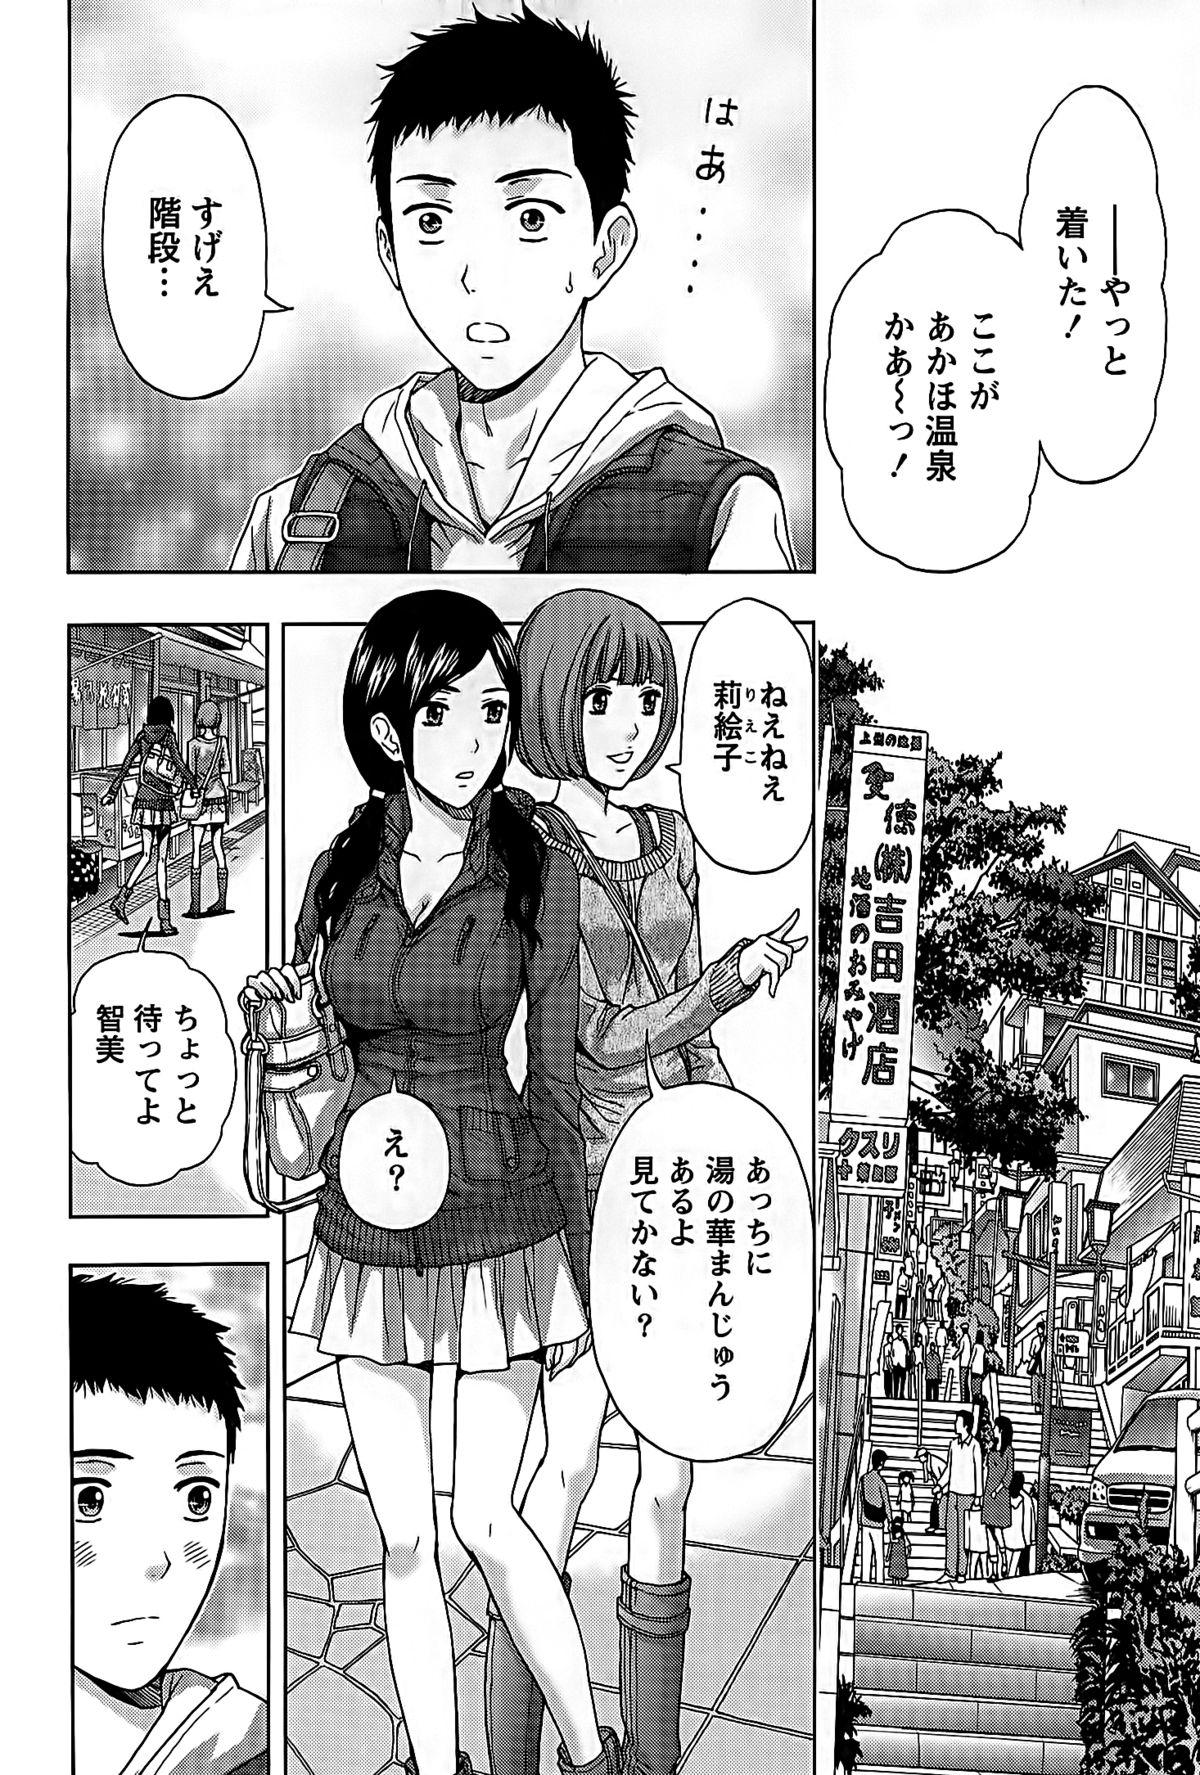 Shittori Lady to Amai Mitsu 150